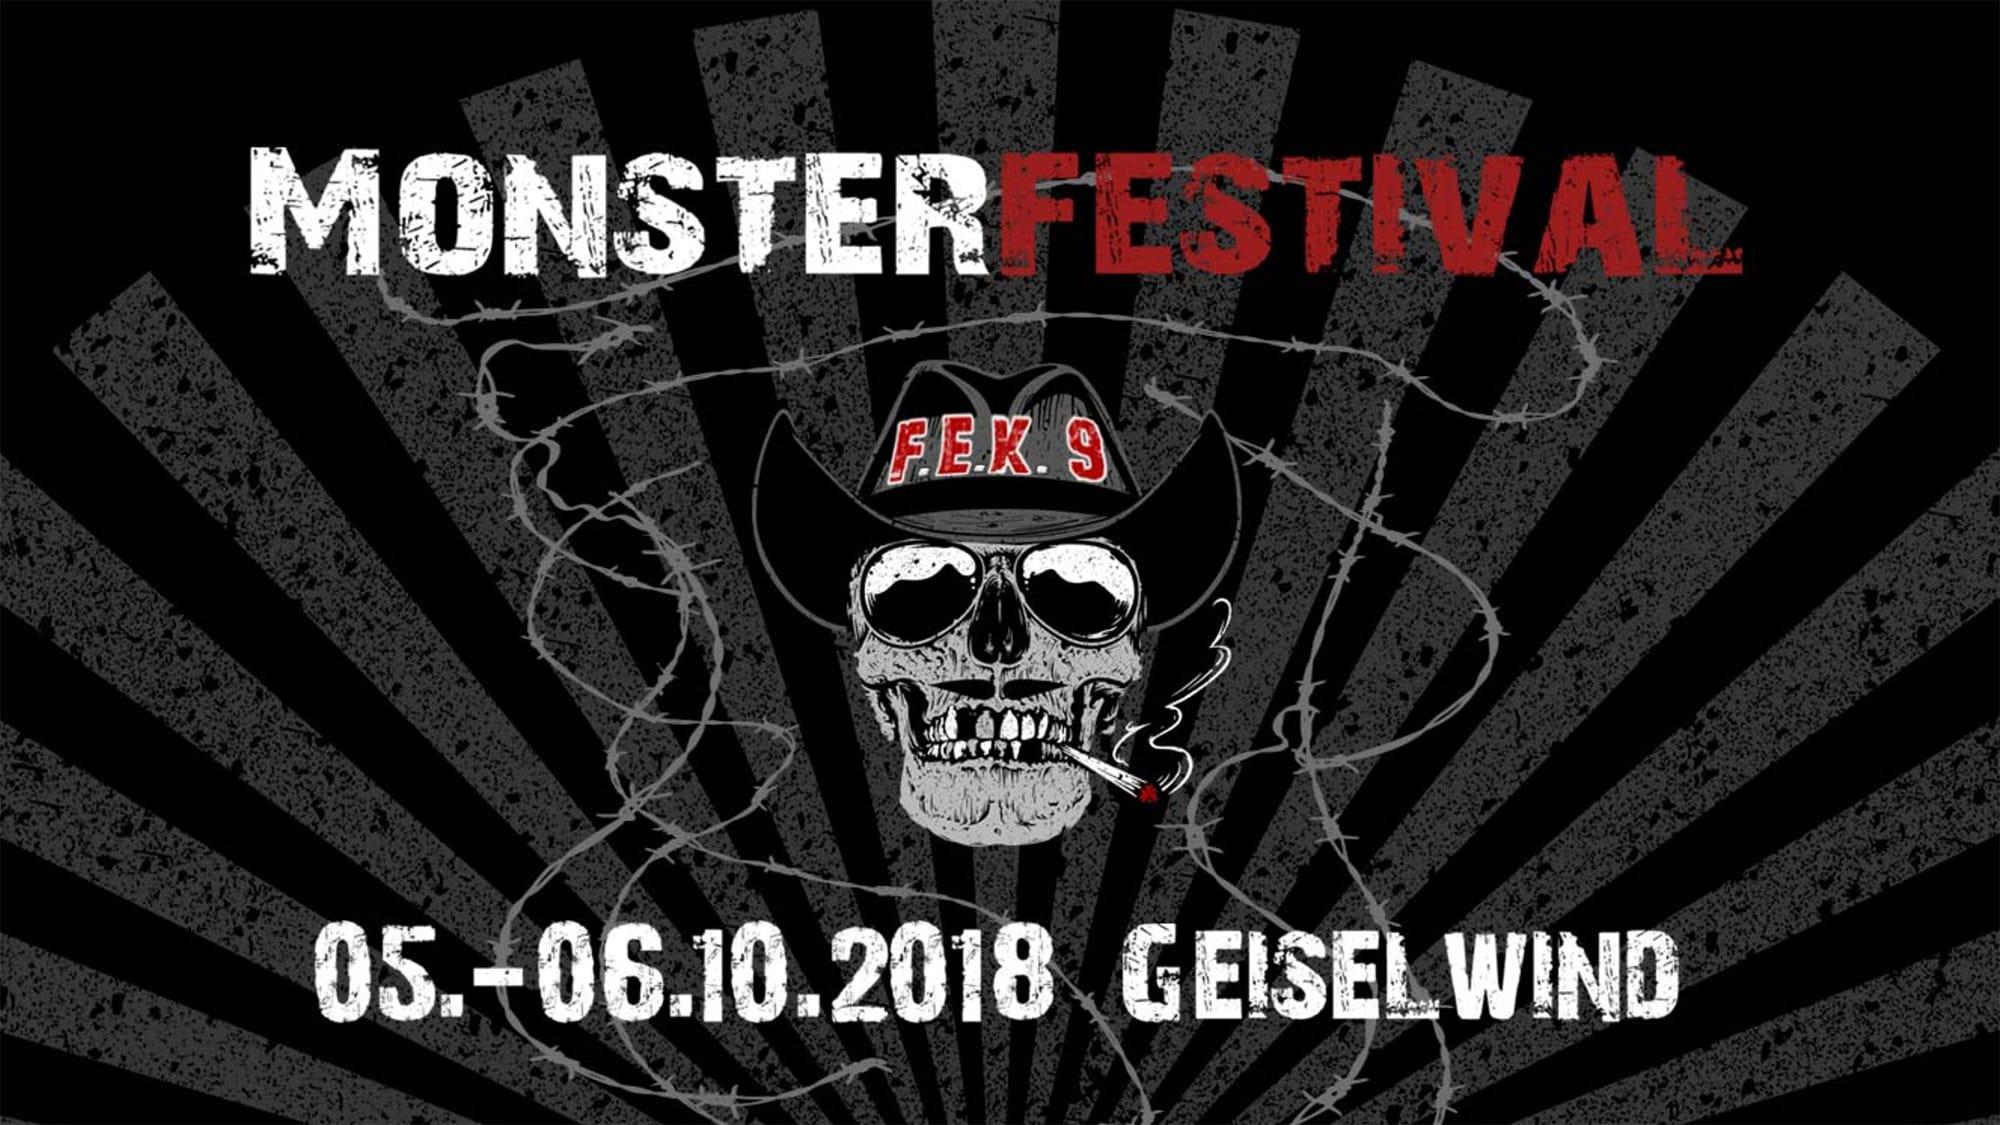 Festivals 2018: 05.10.2018 - FEK9 Monster Festival, Geiselwind, Eventzentrum Strohofer